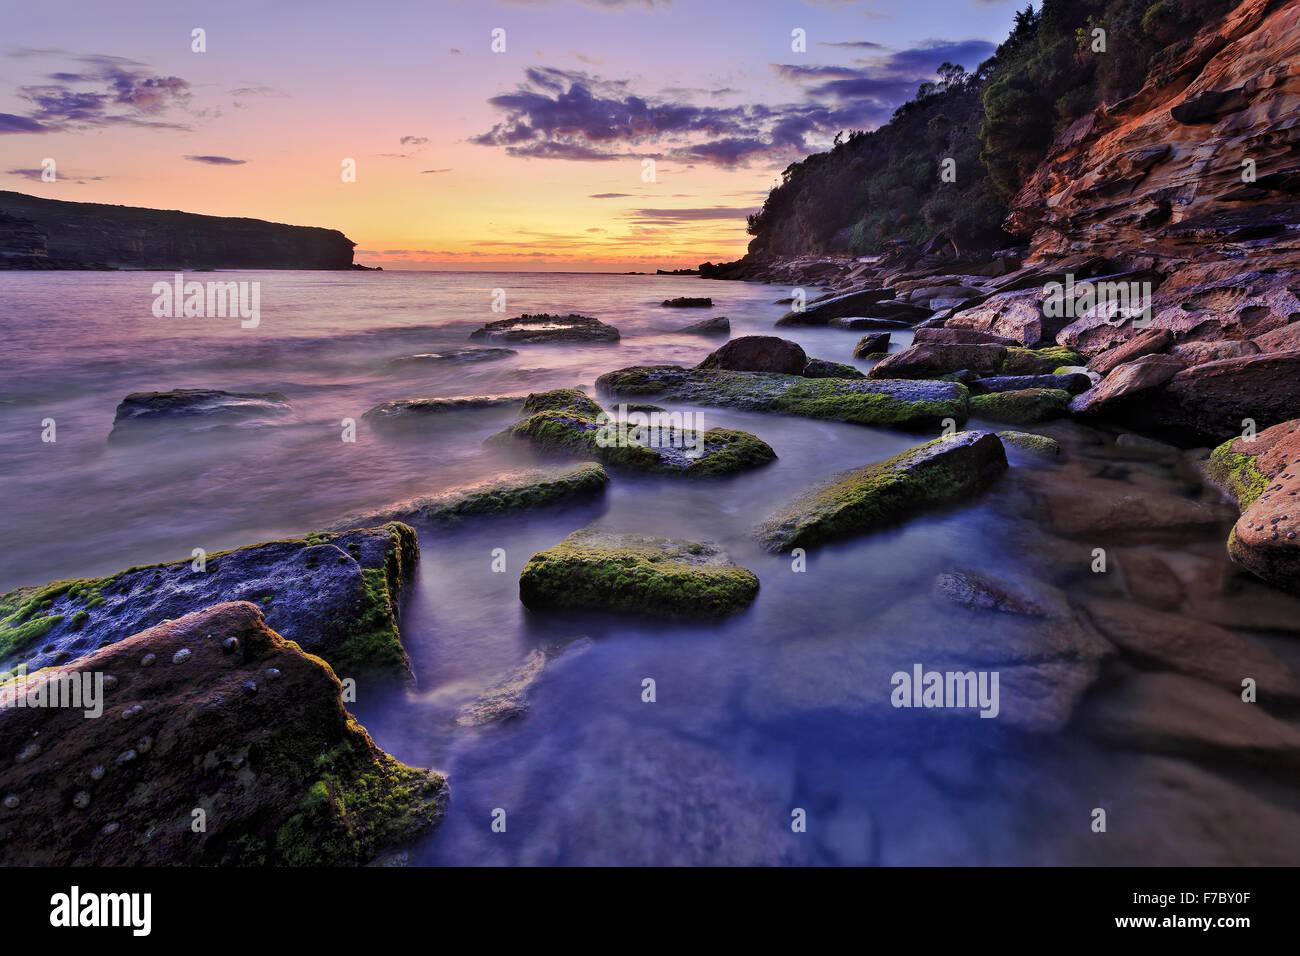 Une mer transparente au Royal National Park Wattamola plage rocheuse en Australie au lever du soleil avec de l'eau Photo Stock